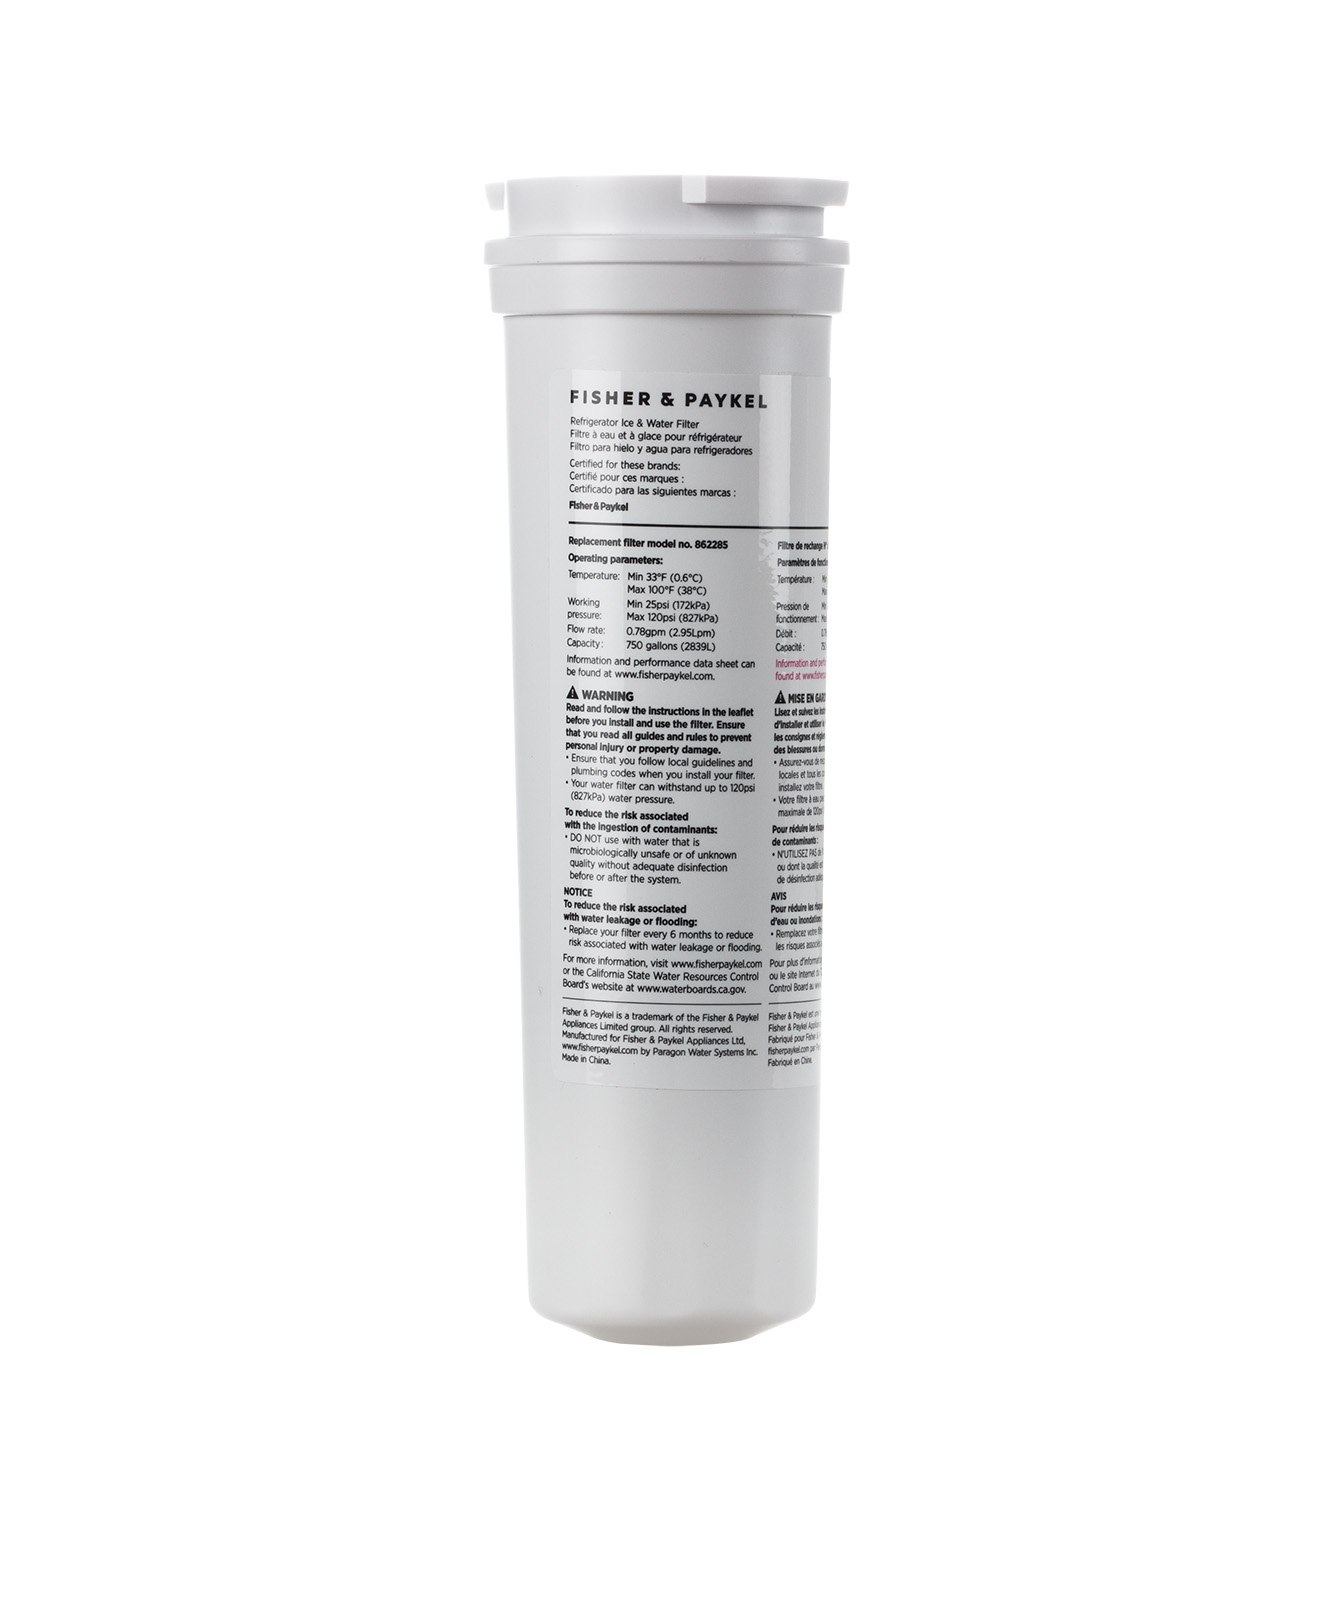 Water filter, 836848